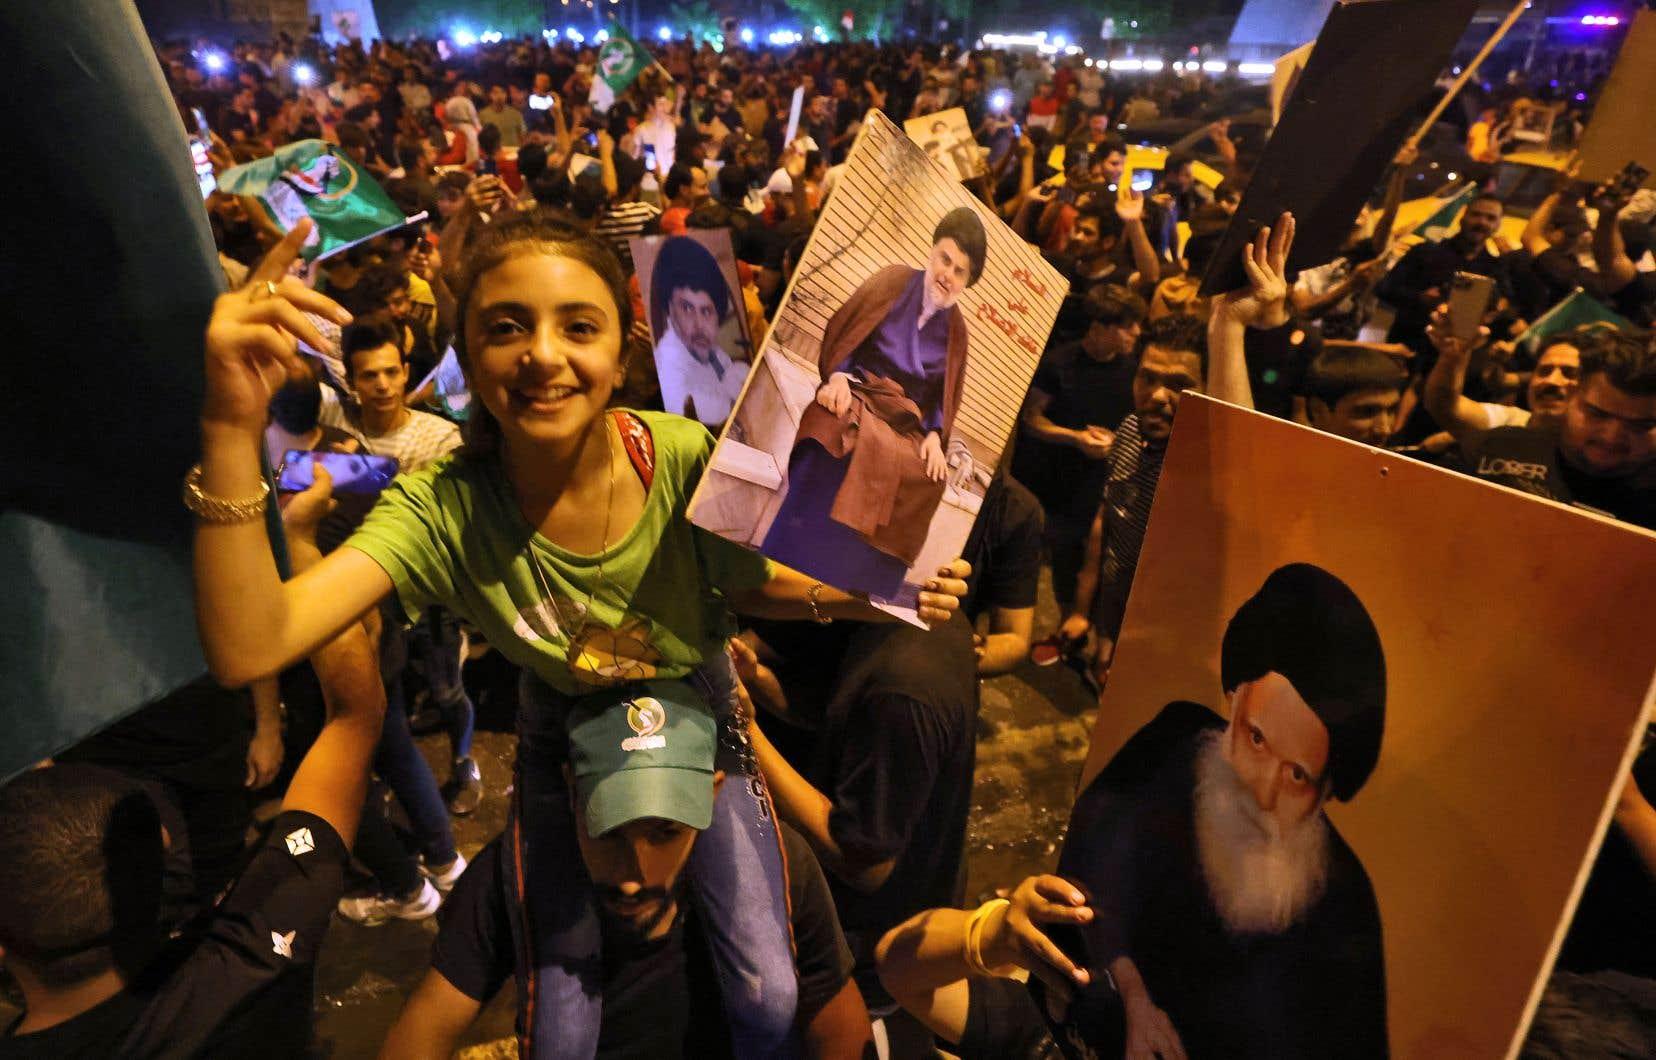 Des partisans du leader chiite Moqtada al-Sadr célèbrent dans les rues de Bagdad, le 11 octobre 2021